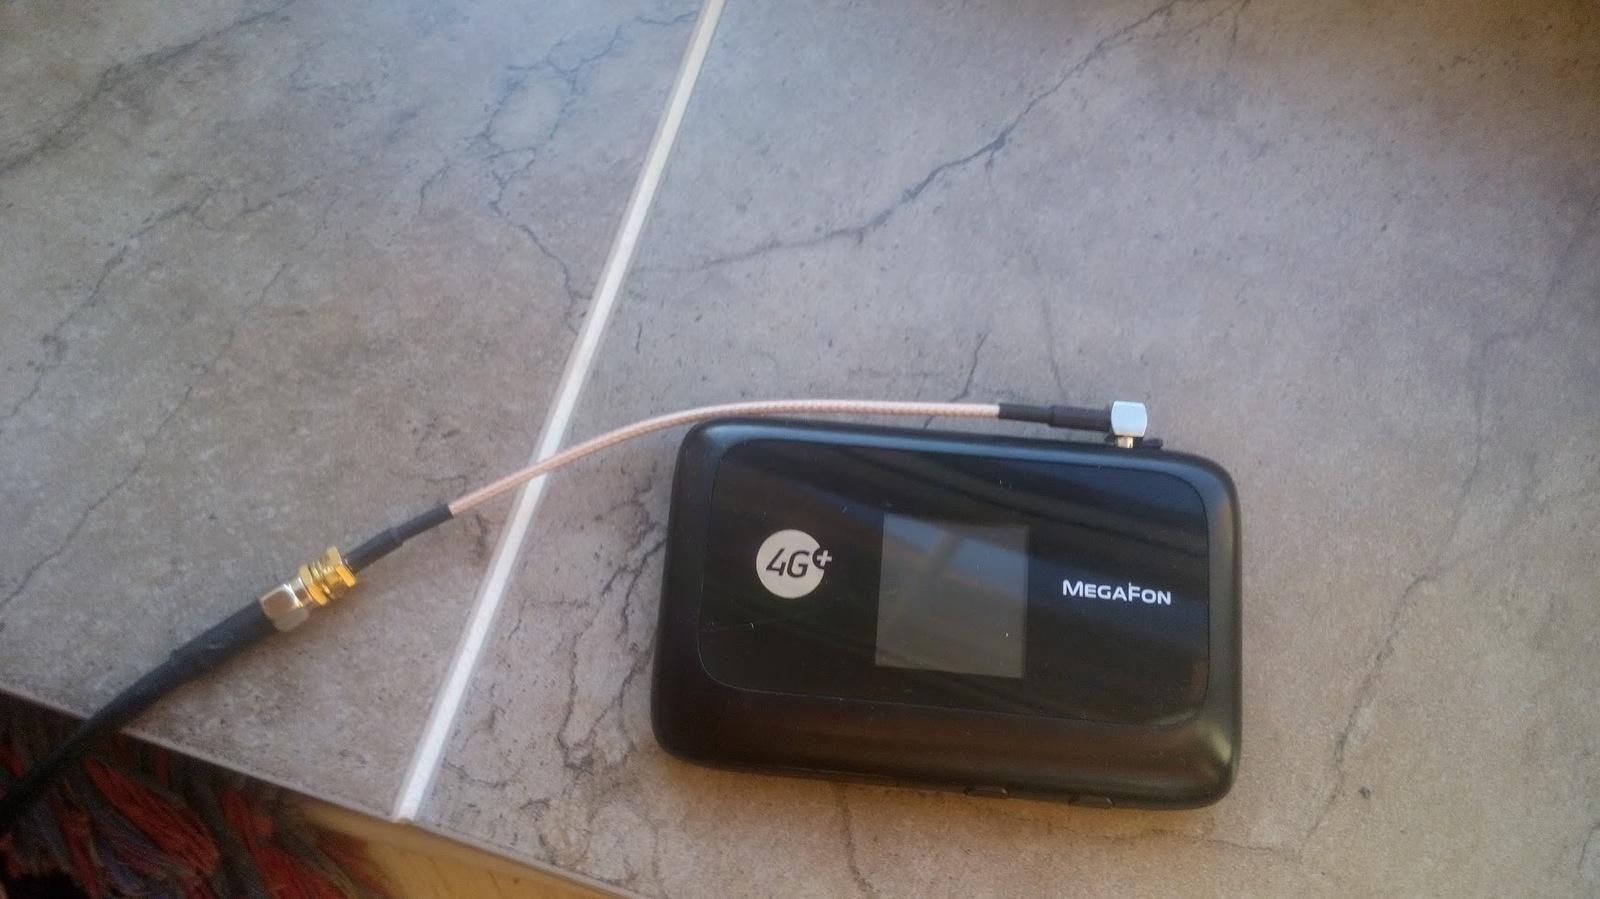 Усилитель сигнала мегафон своими руками фото 238